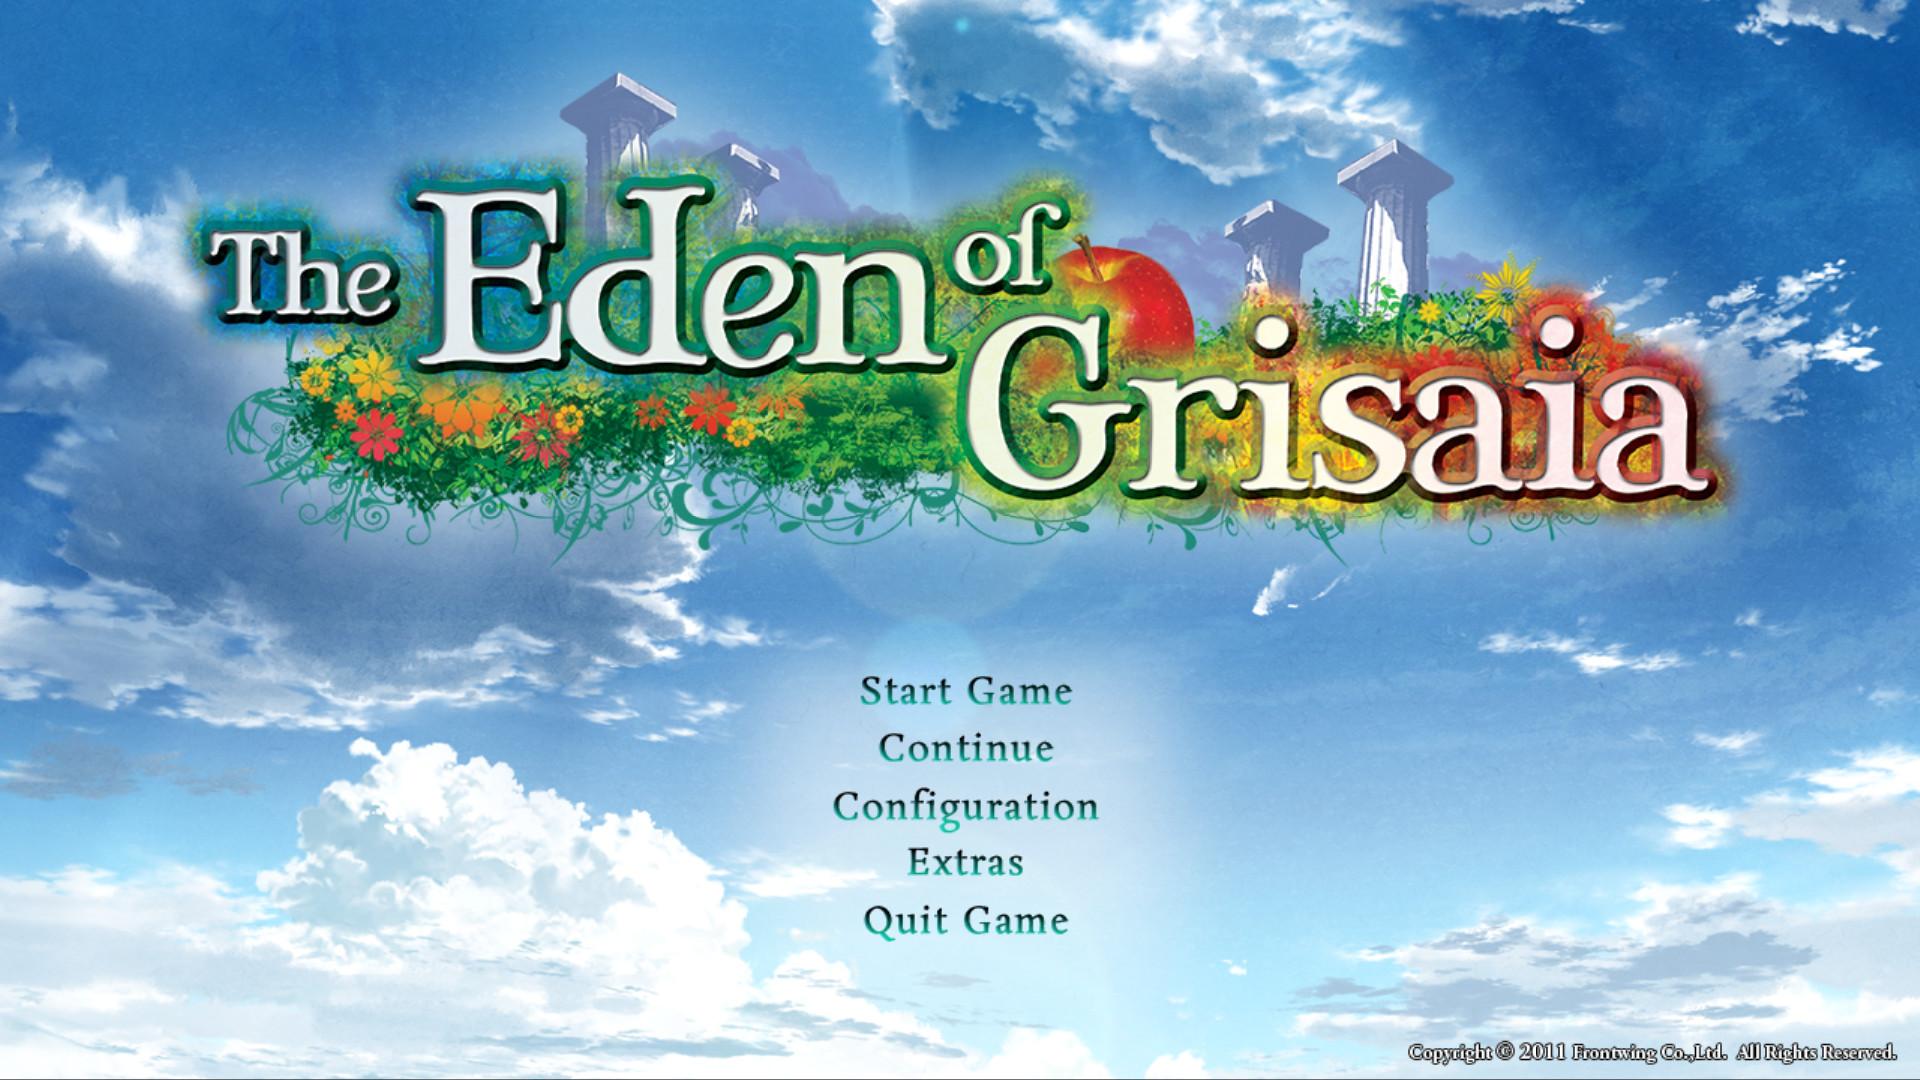 The Eden of Grisaia screenshot